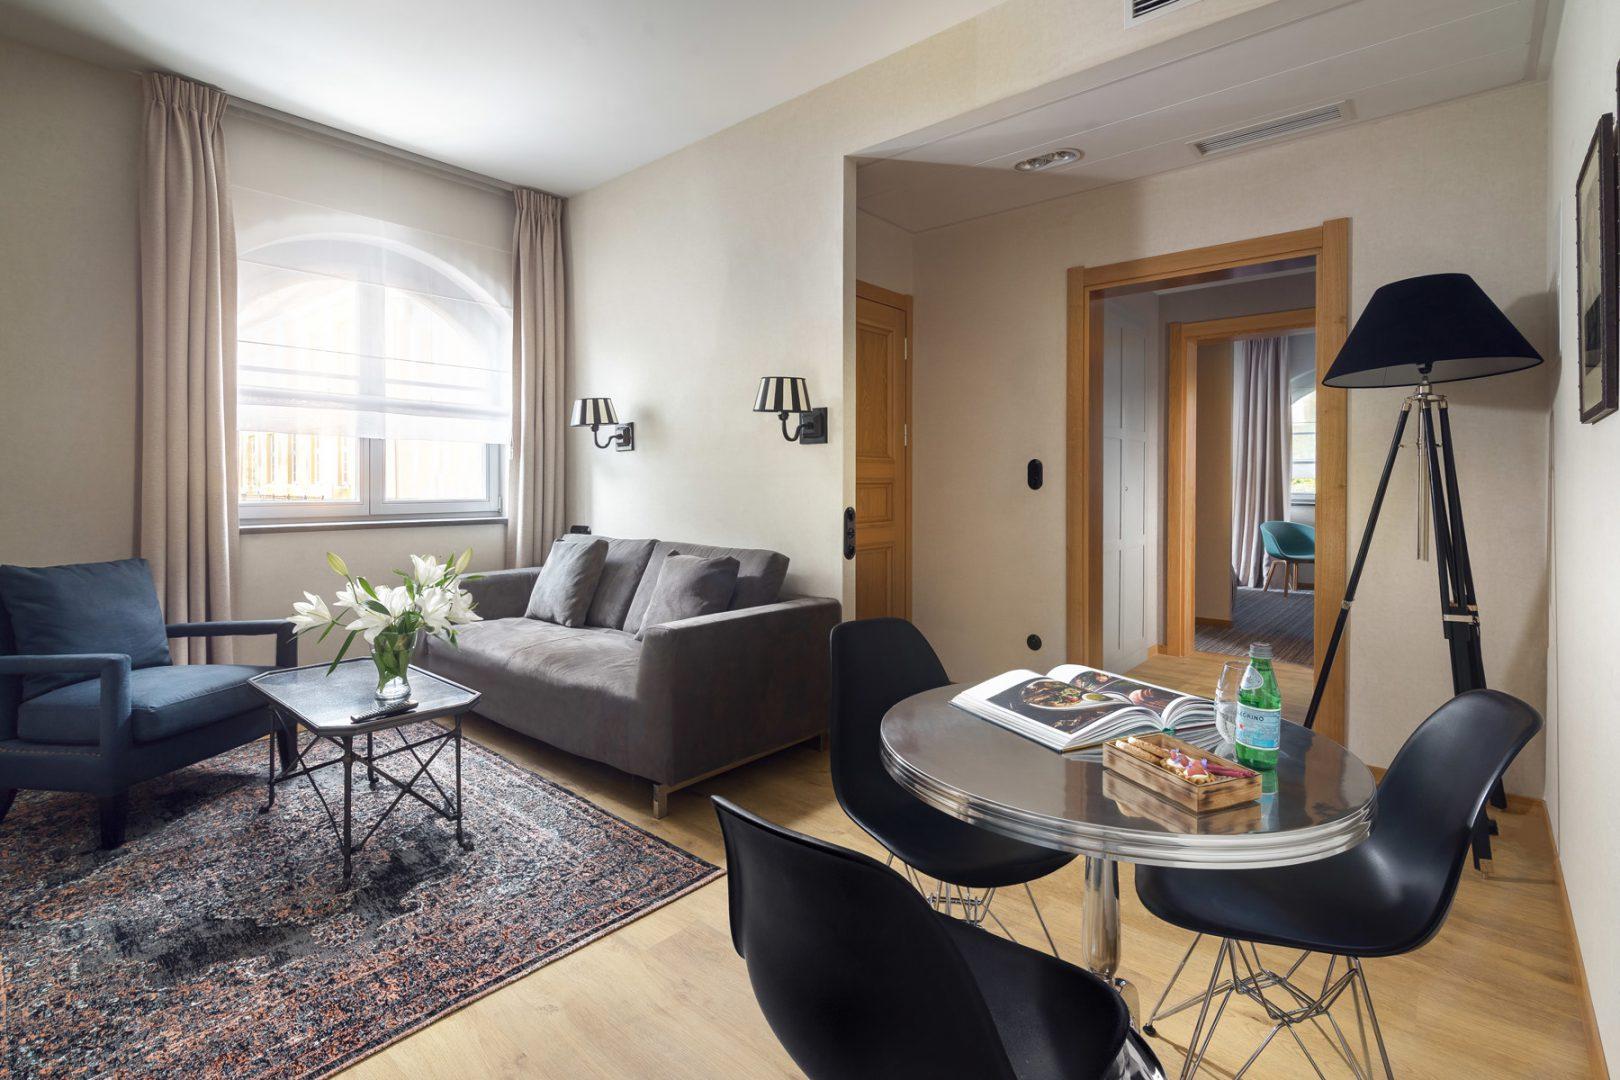 Luksusowy Hotel Dla Dorosłych W Gdyni Z Basenem I Spa